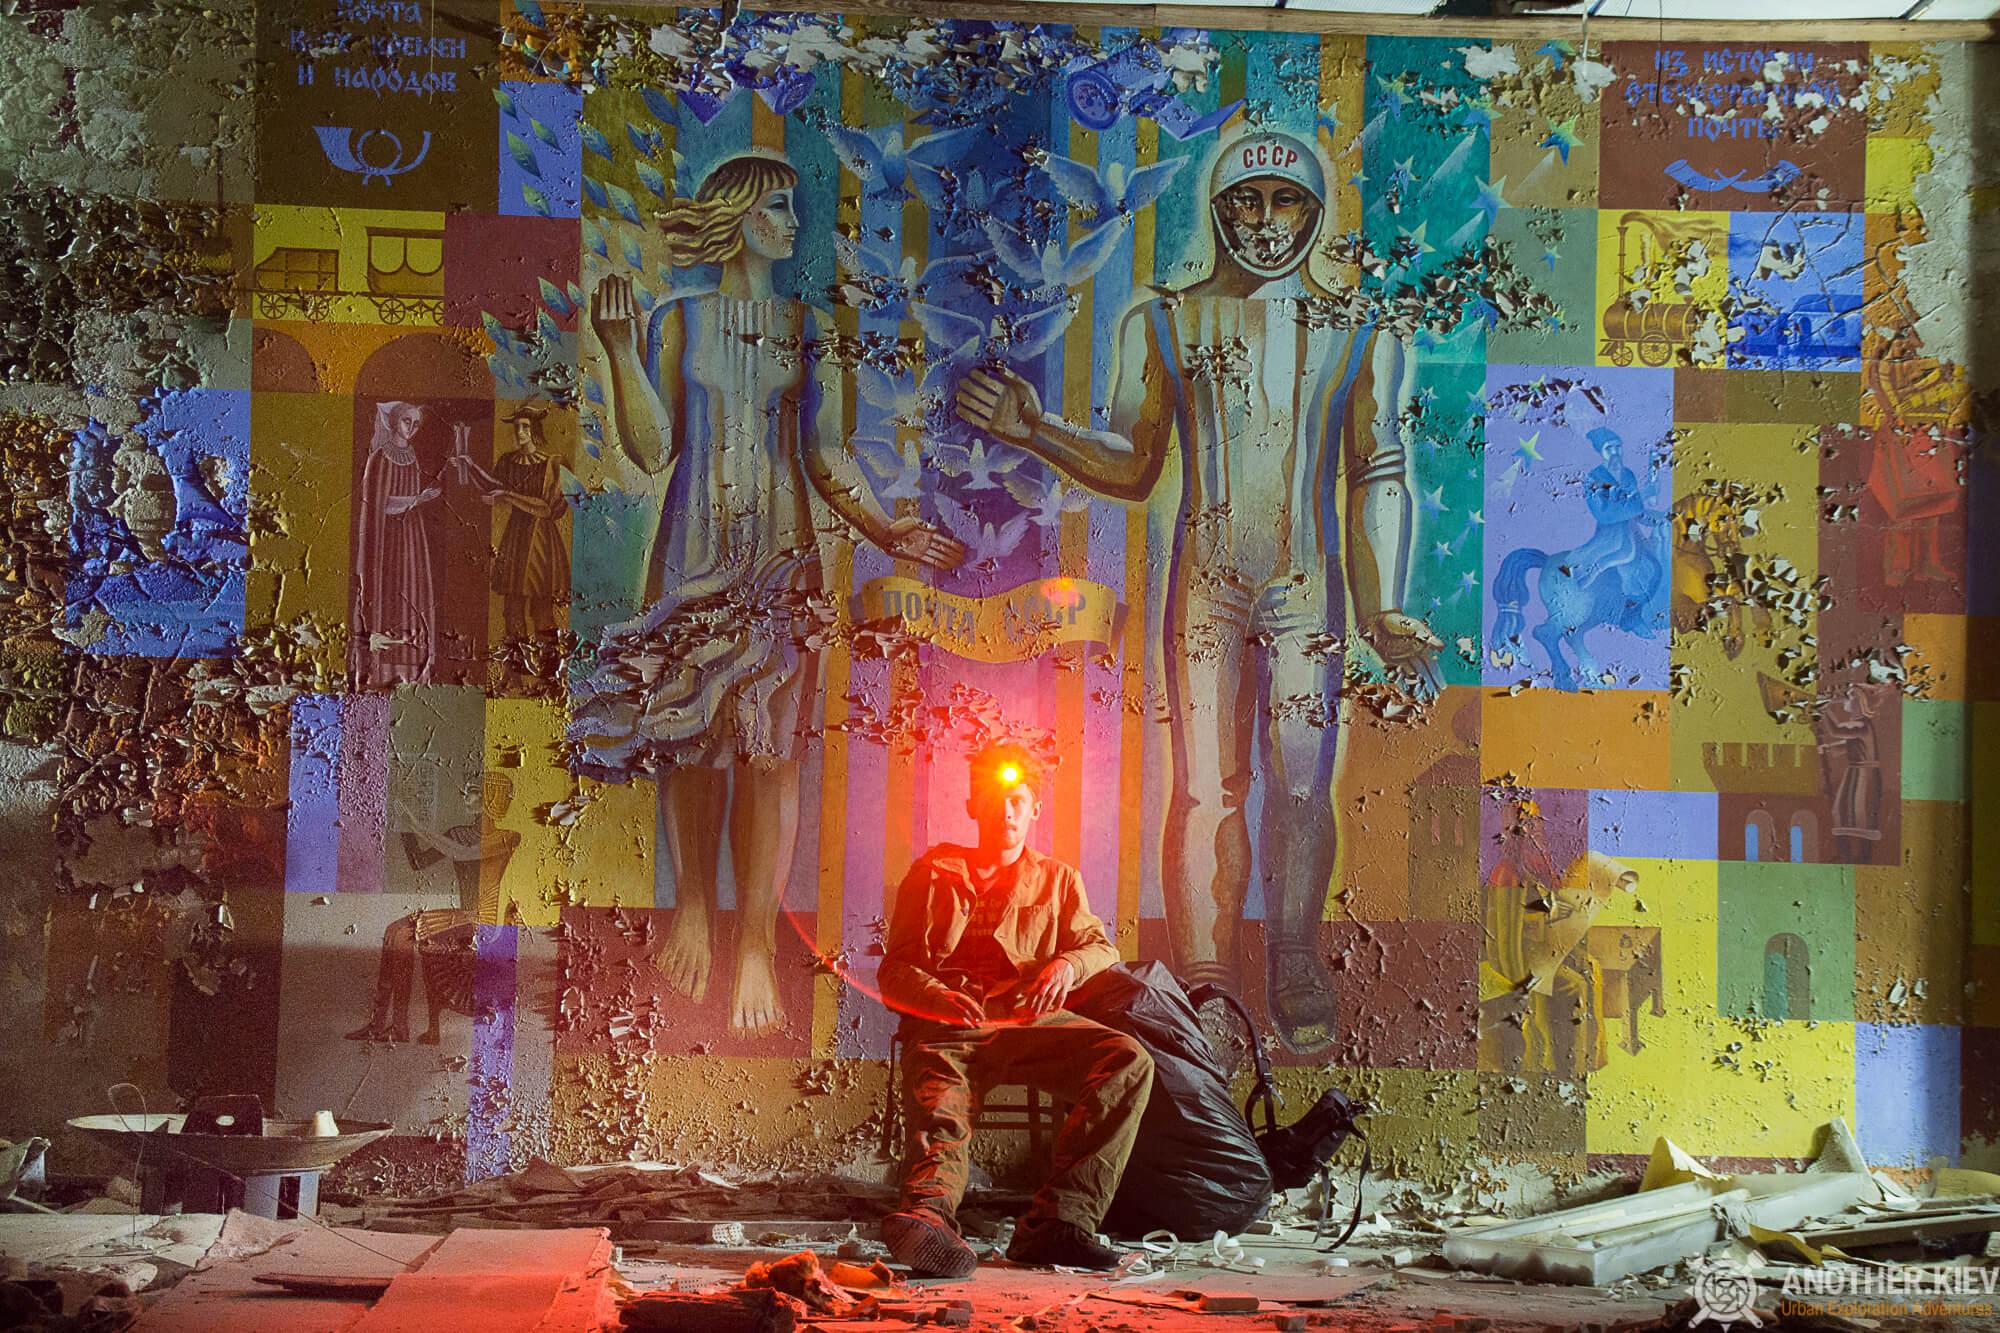 stalker-tour_IGP1368 CHERNOBYL EXPLORATION TOUR